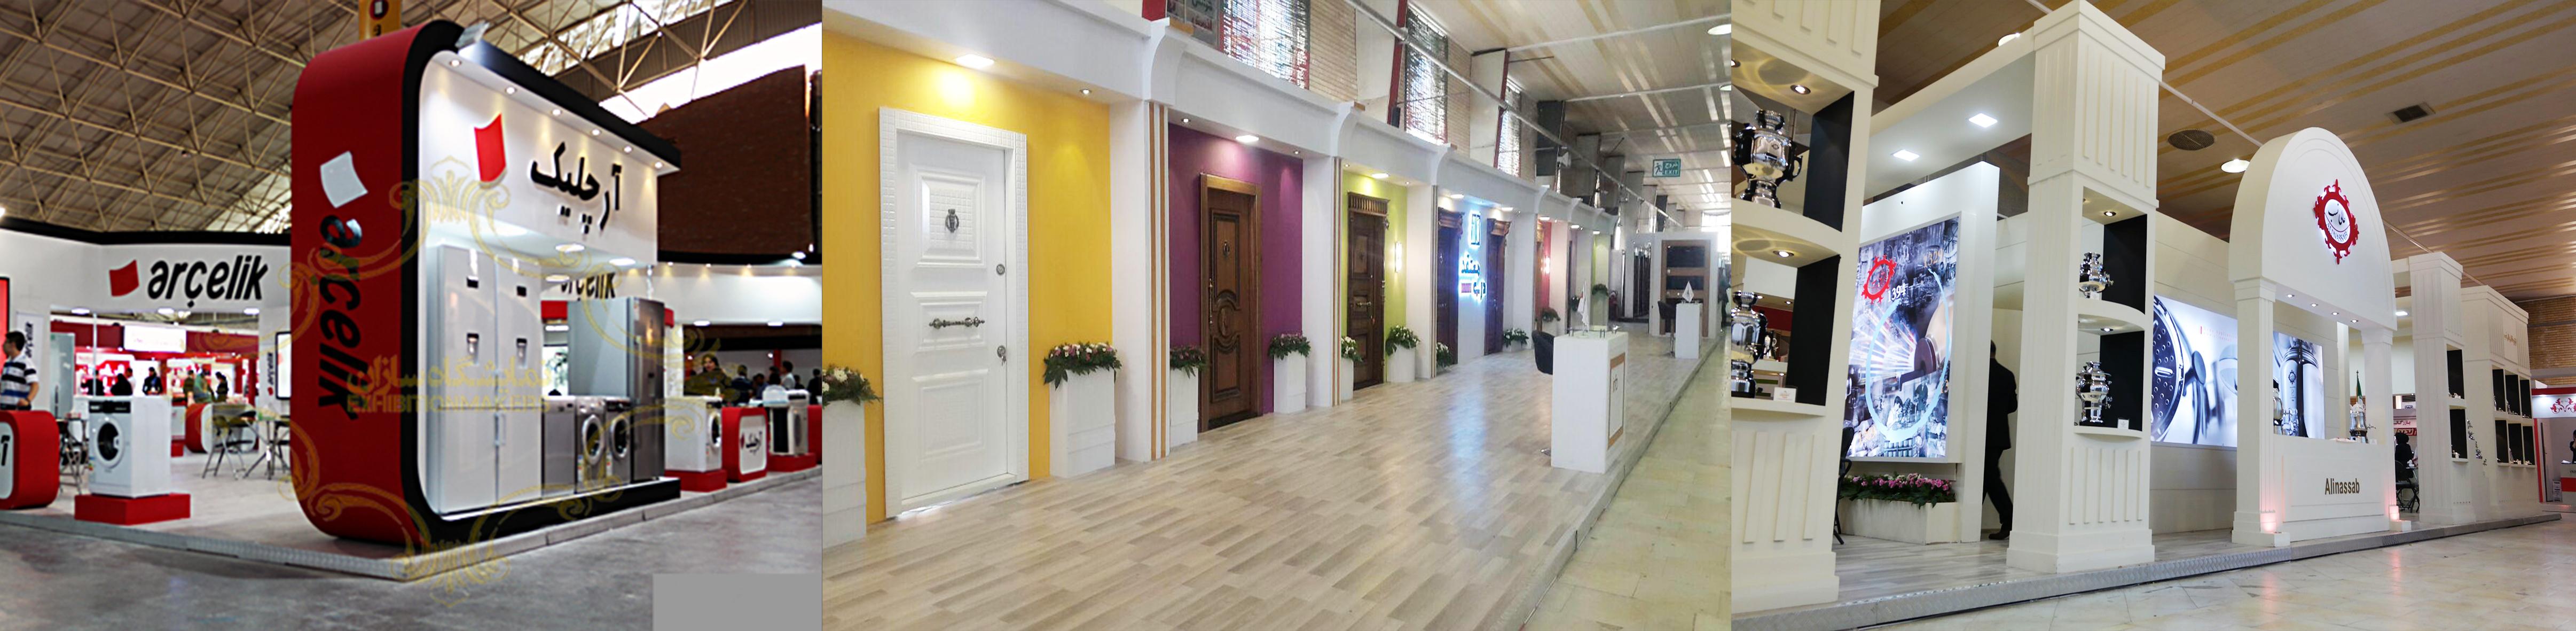 خلاصه ی قوانین غرفه سازی در نمایشگاه ها